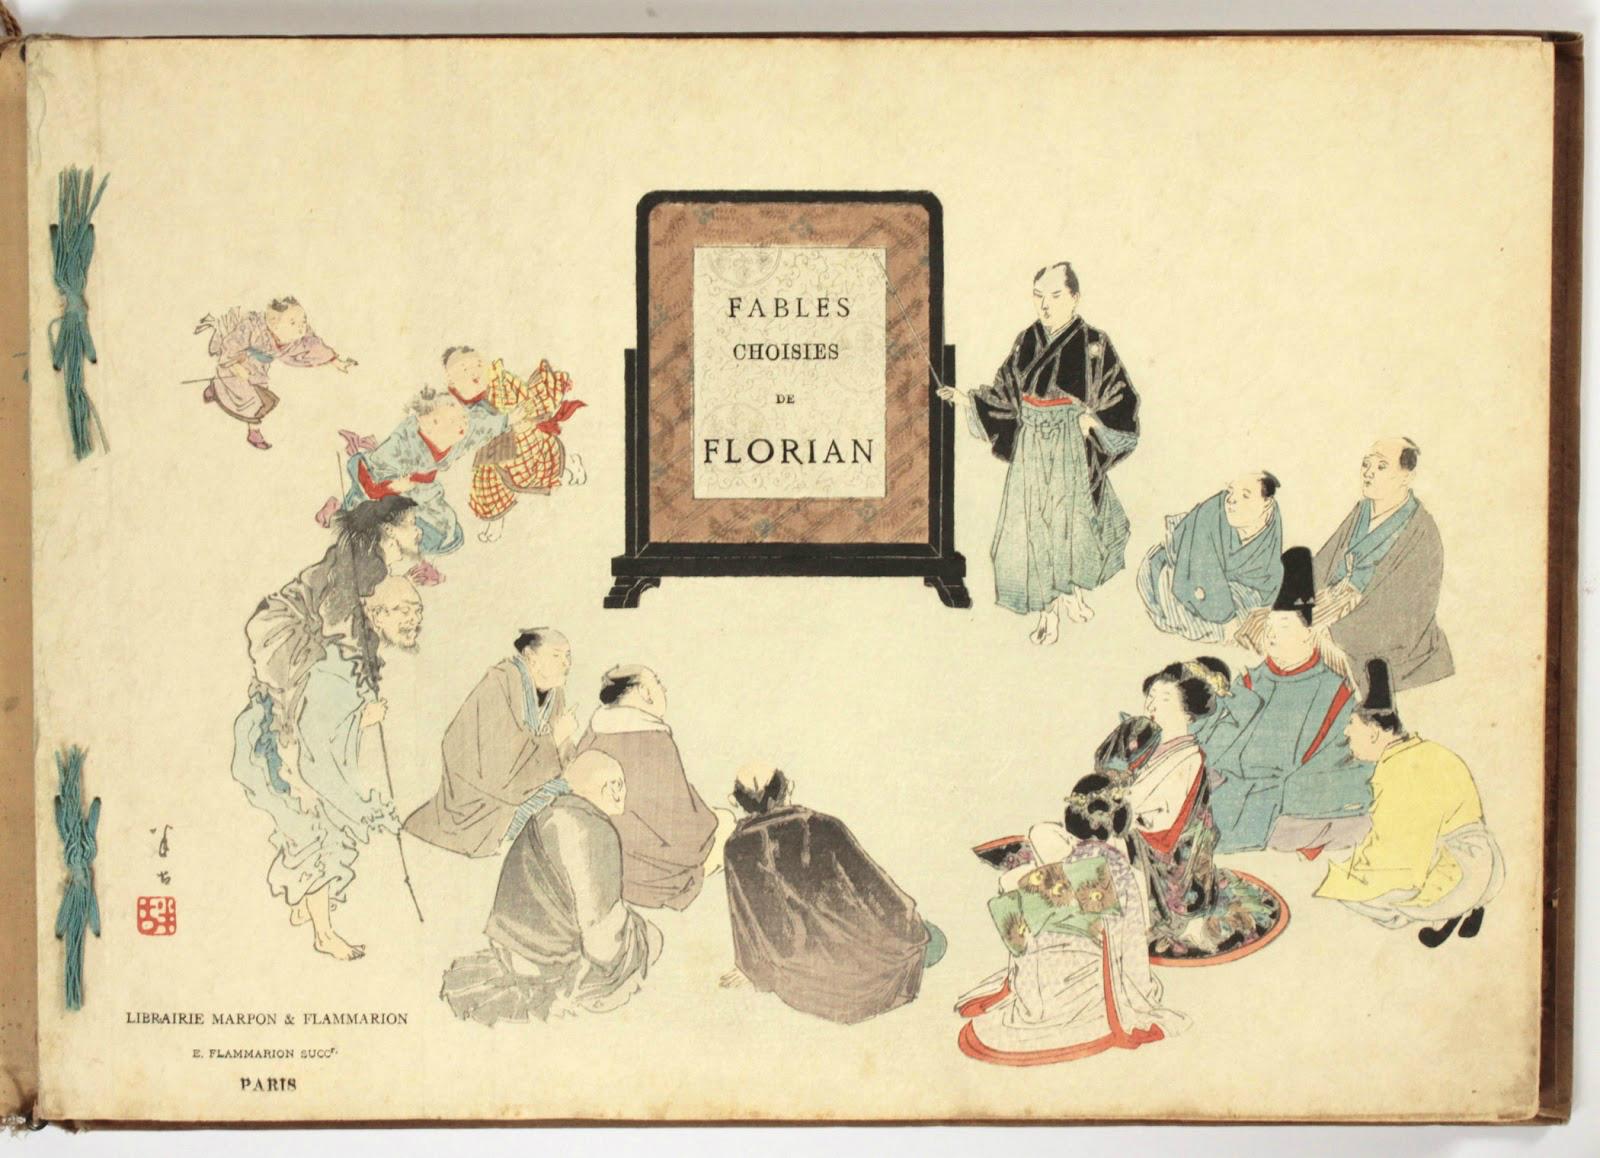 Feuillets fac-similés de quelques Fables choisies de J.-P. Claris de Florian, illustrées par des artistes japonais sous la direction de P. Barboutau. Première série. Deuxième série.